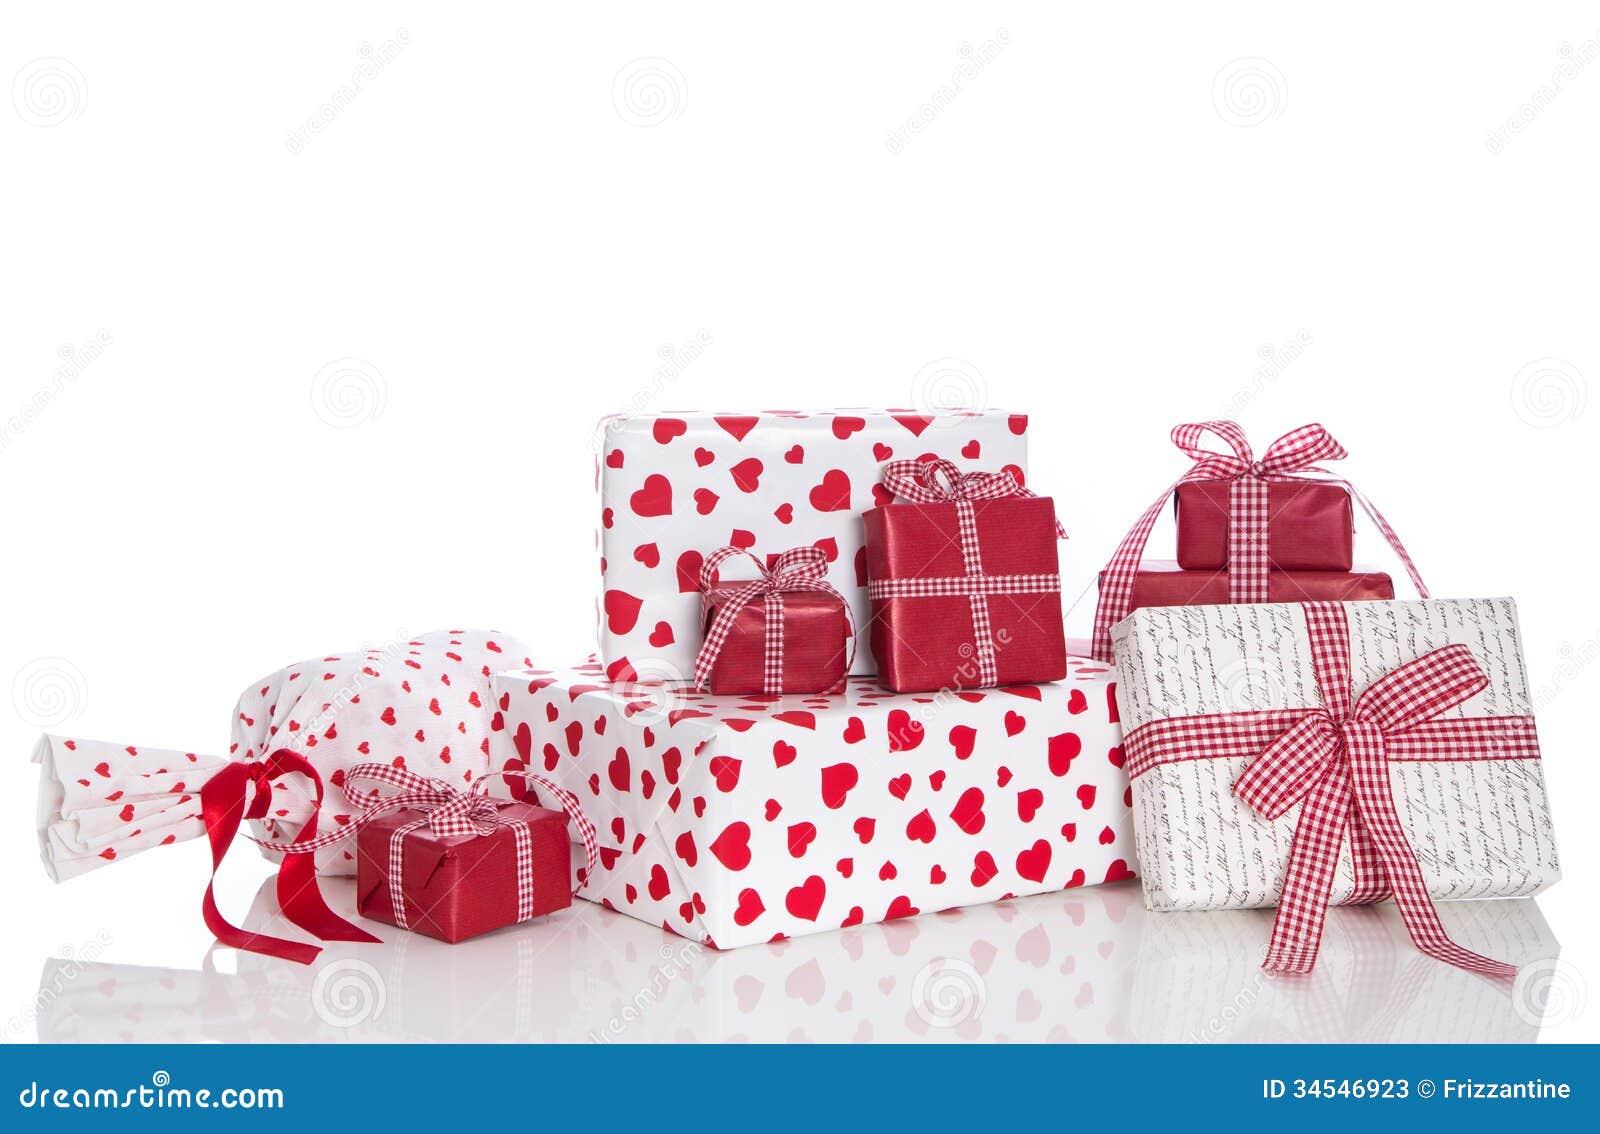 Lokalisierte Geschenke Für Weihnachten, Geburtstag, Mutter Oder ...